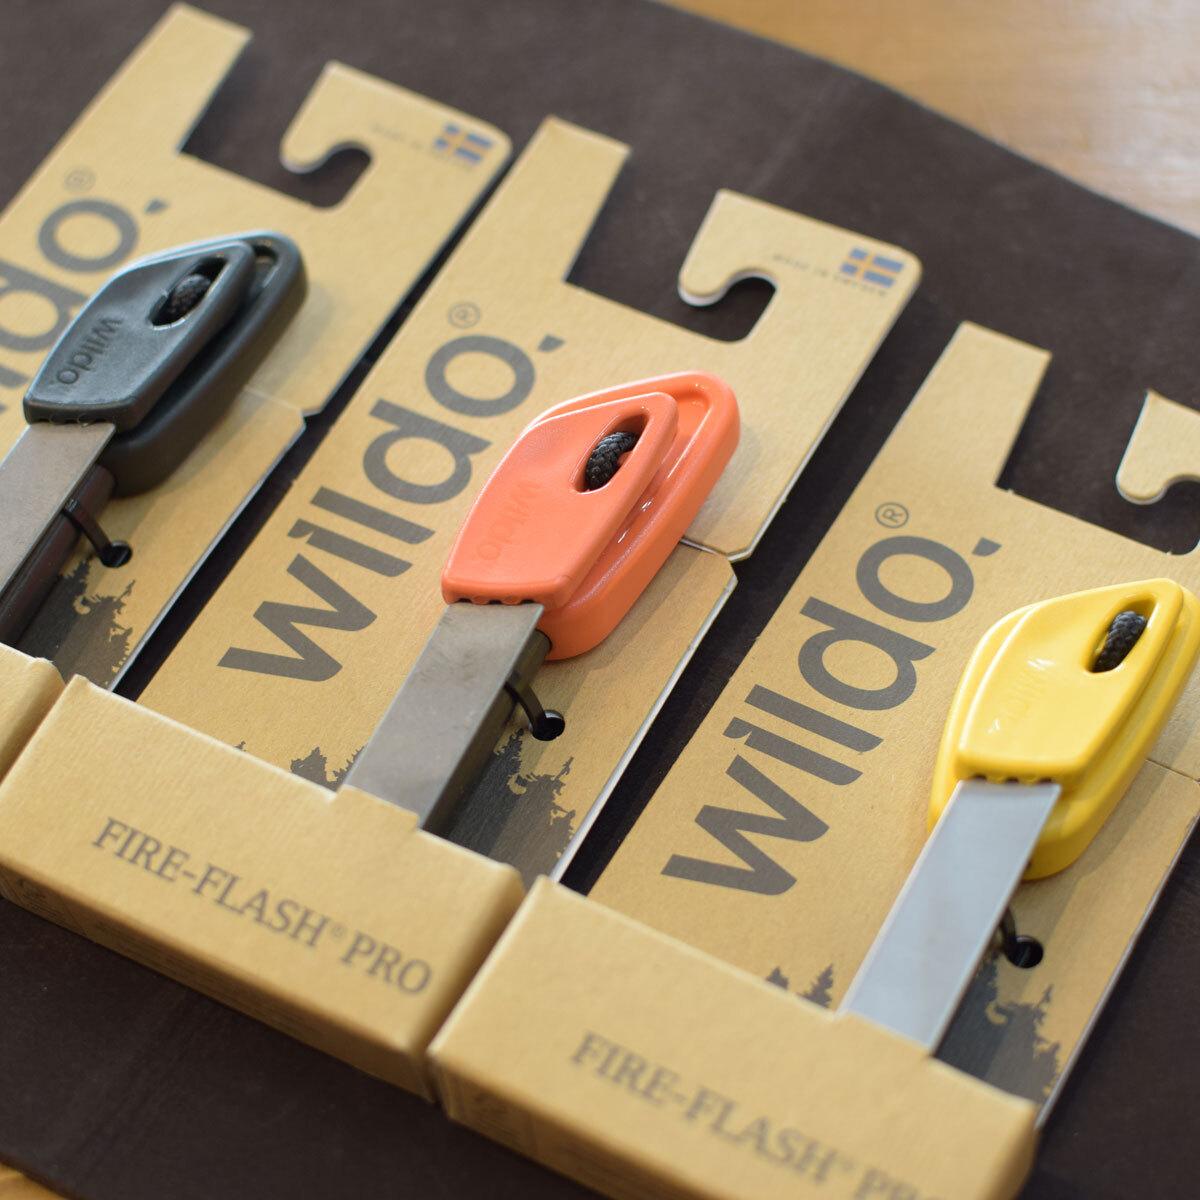 Wildo Fire Flash Pro Large ウィルドファイヤーフラッシュ プロ ラージ(3color)